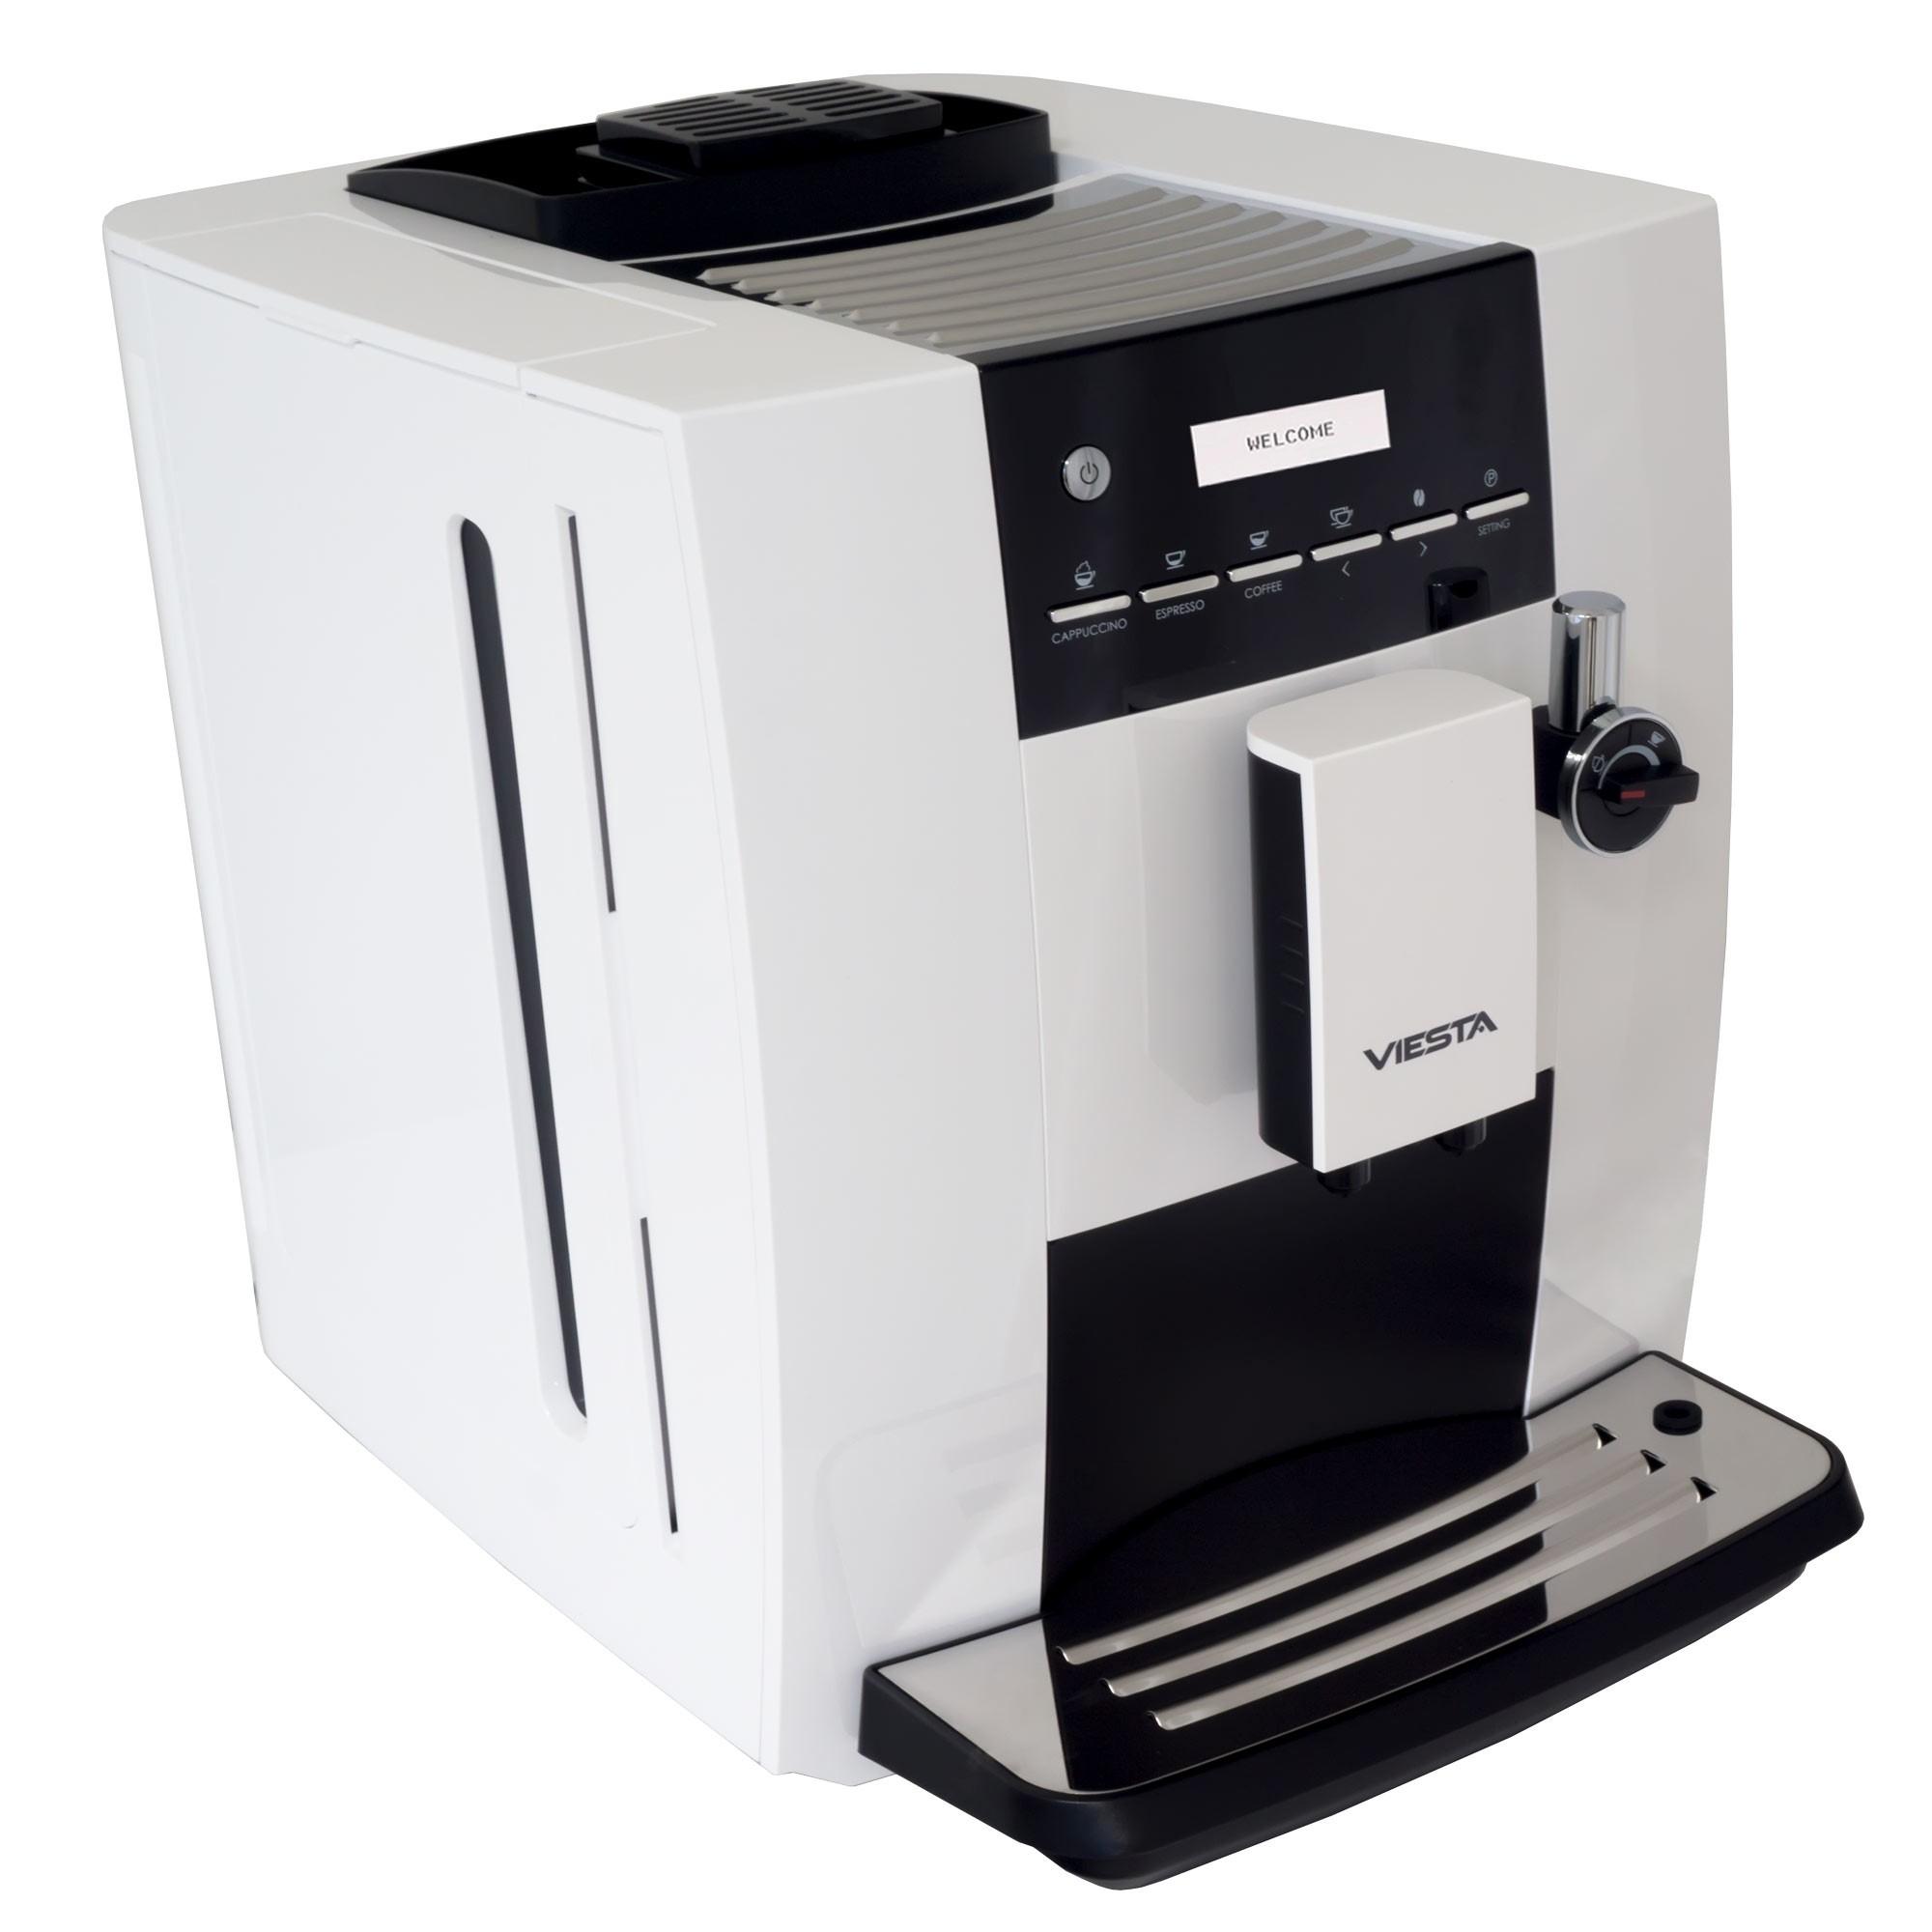 viesta cb350 eco plus kaffeevollautomat mit keramik mahlwerk milchaufsch umer. Black Bedroom Furniture Sets. Home Design Ideas